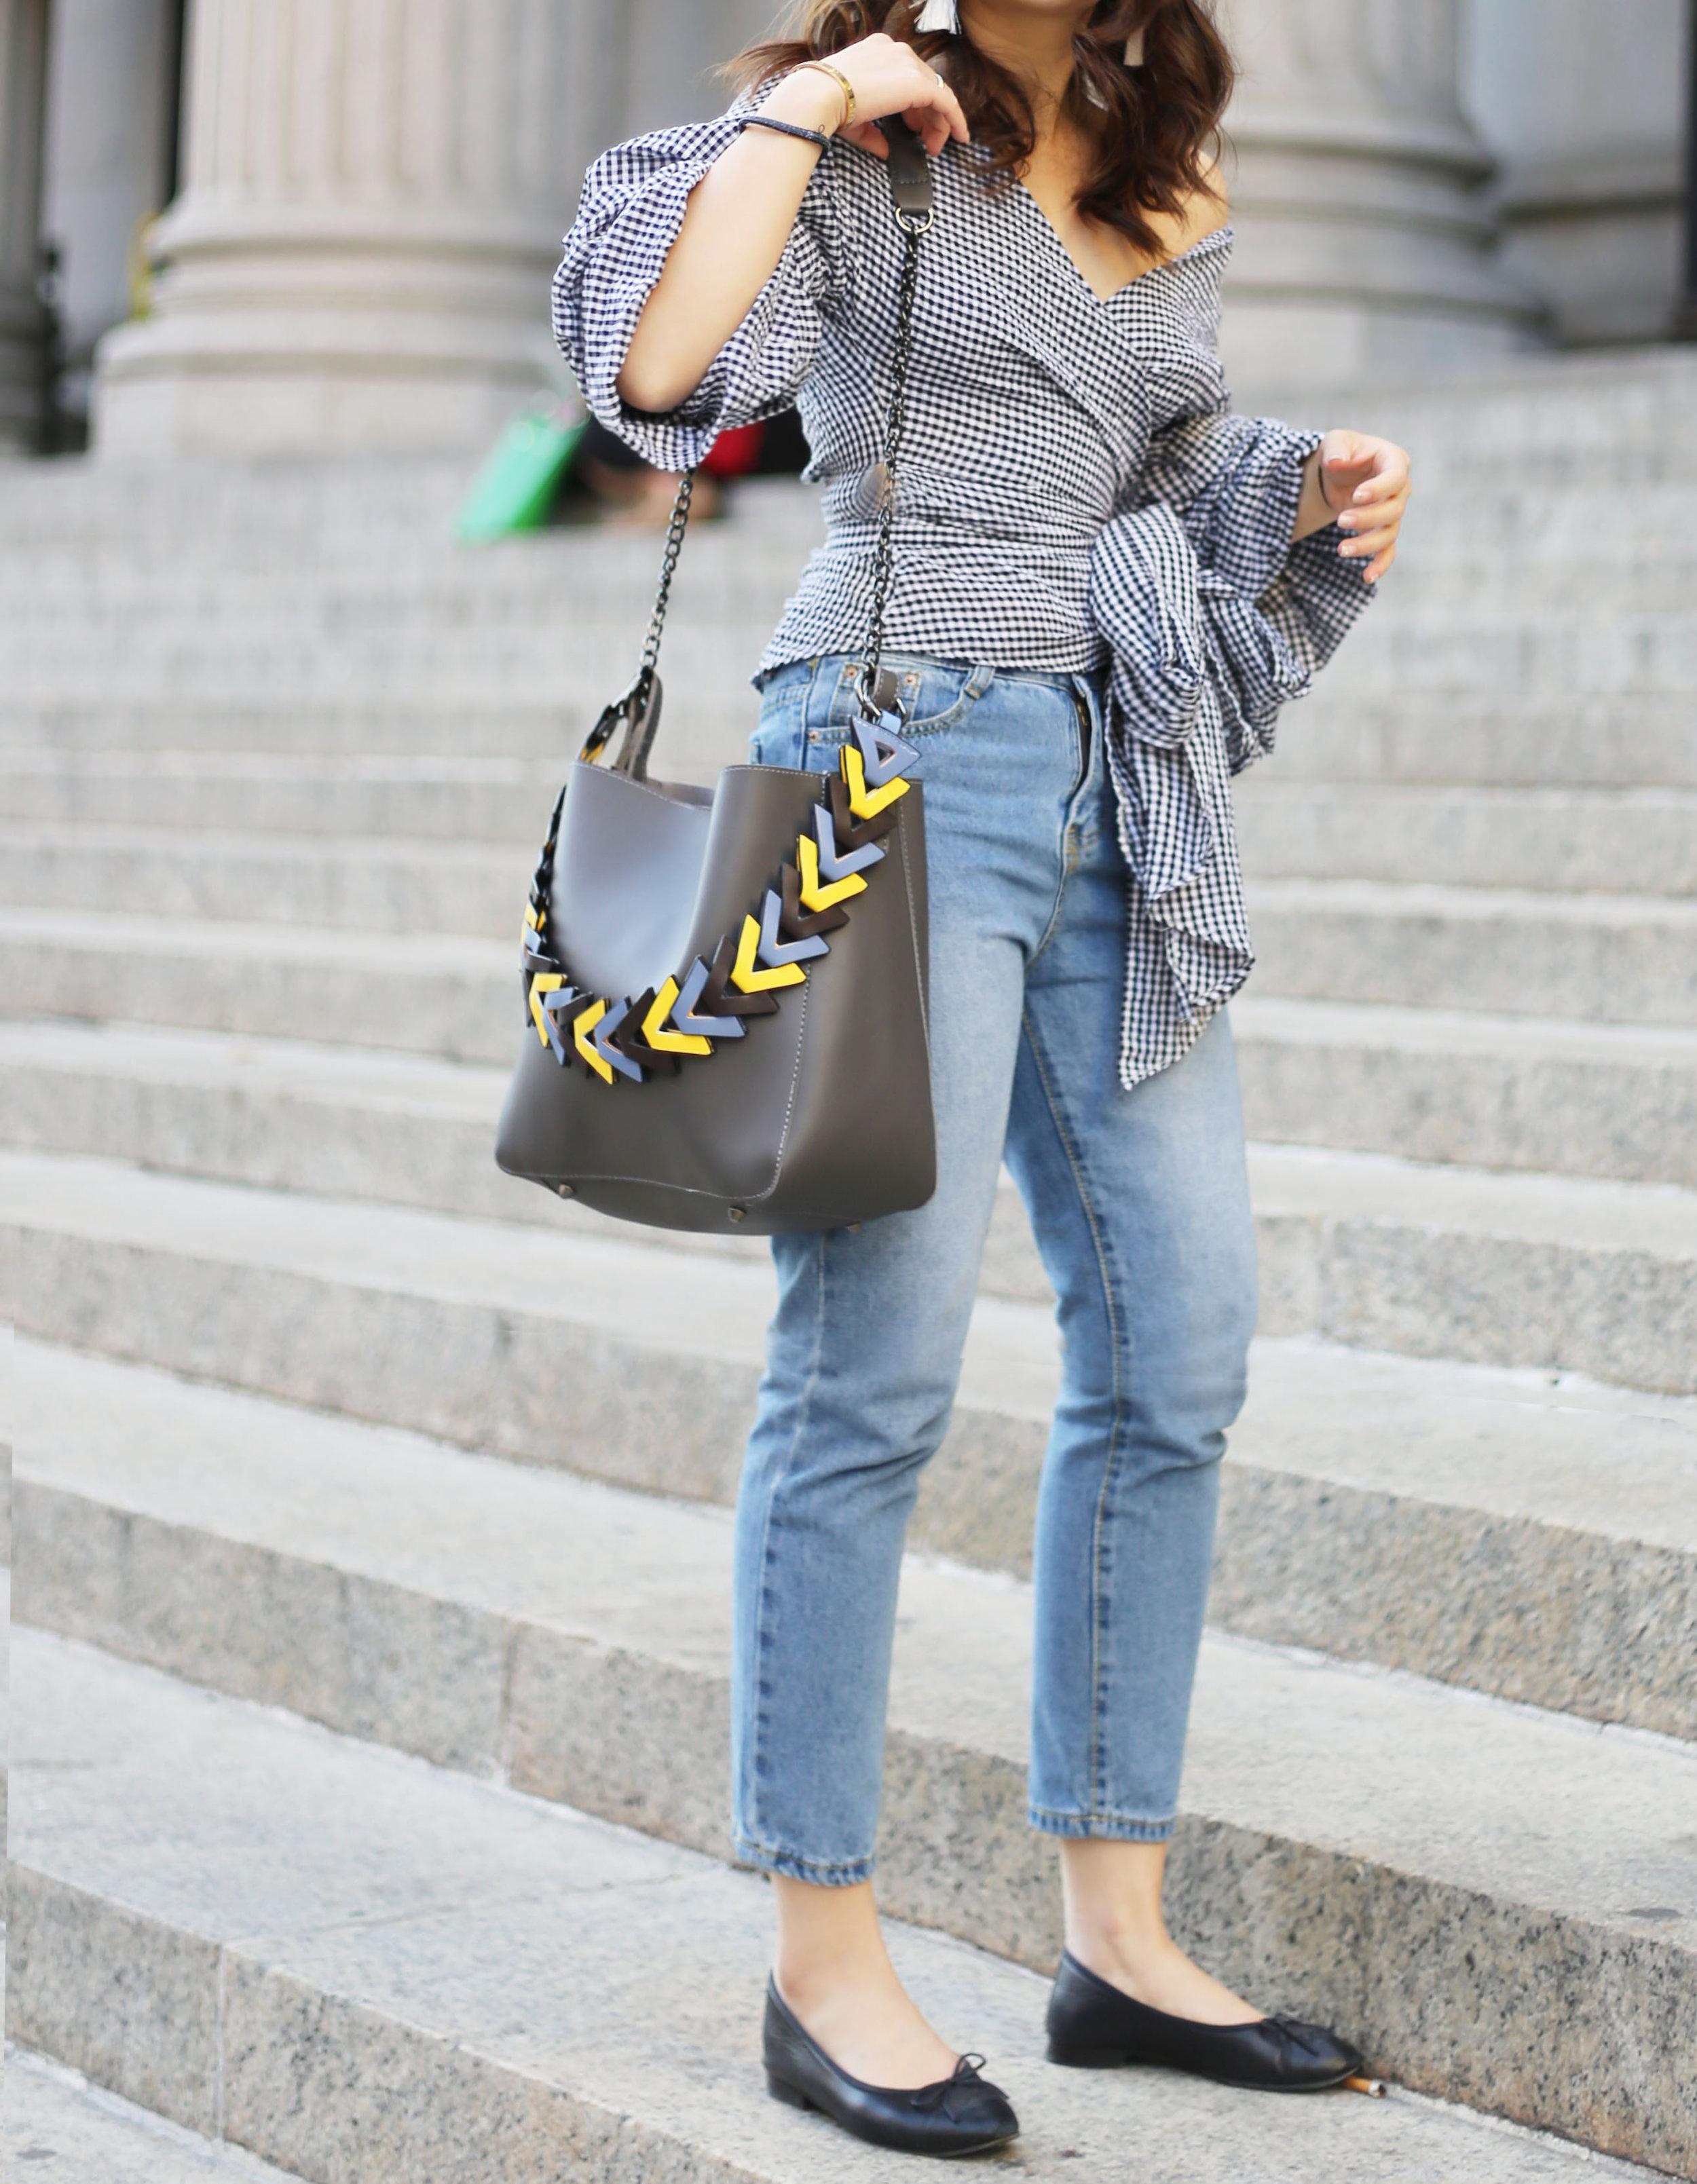 fashion blogger review mslittles bag.JPG